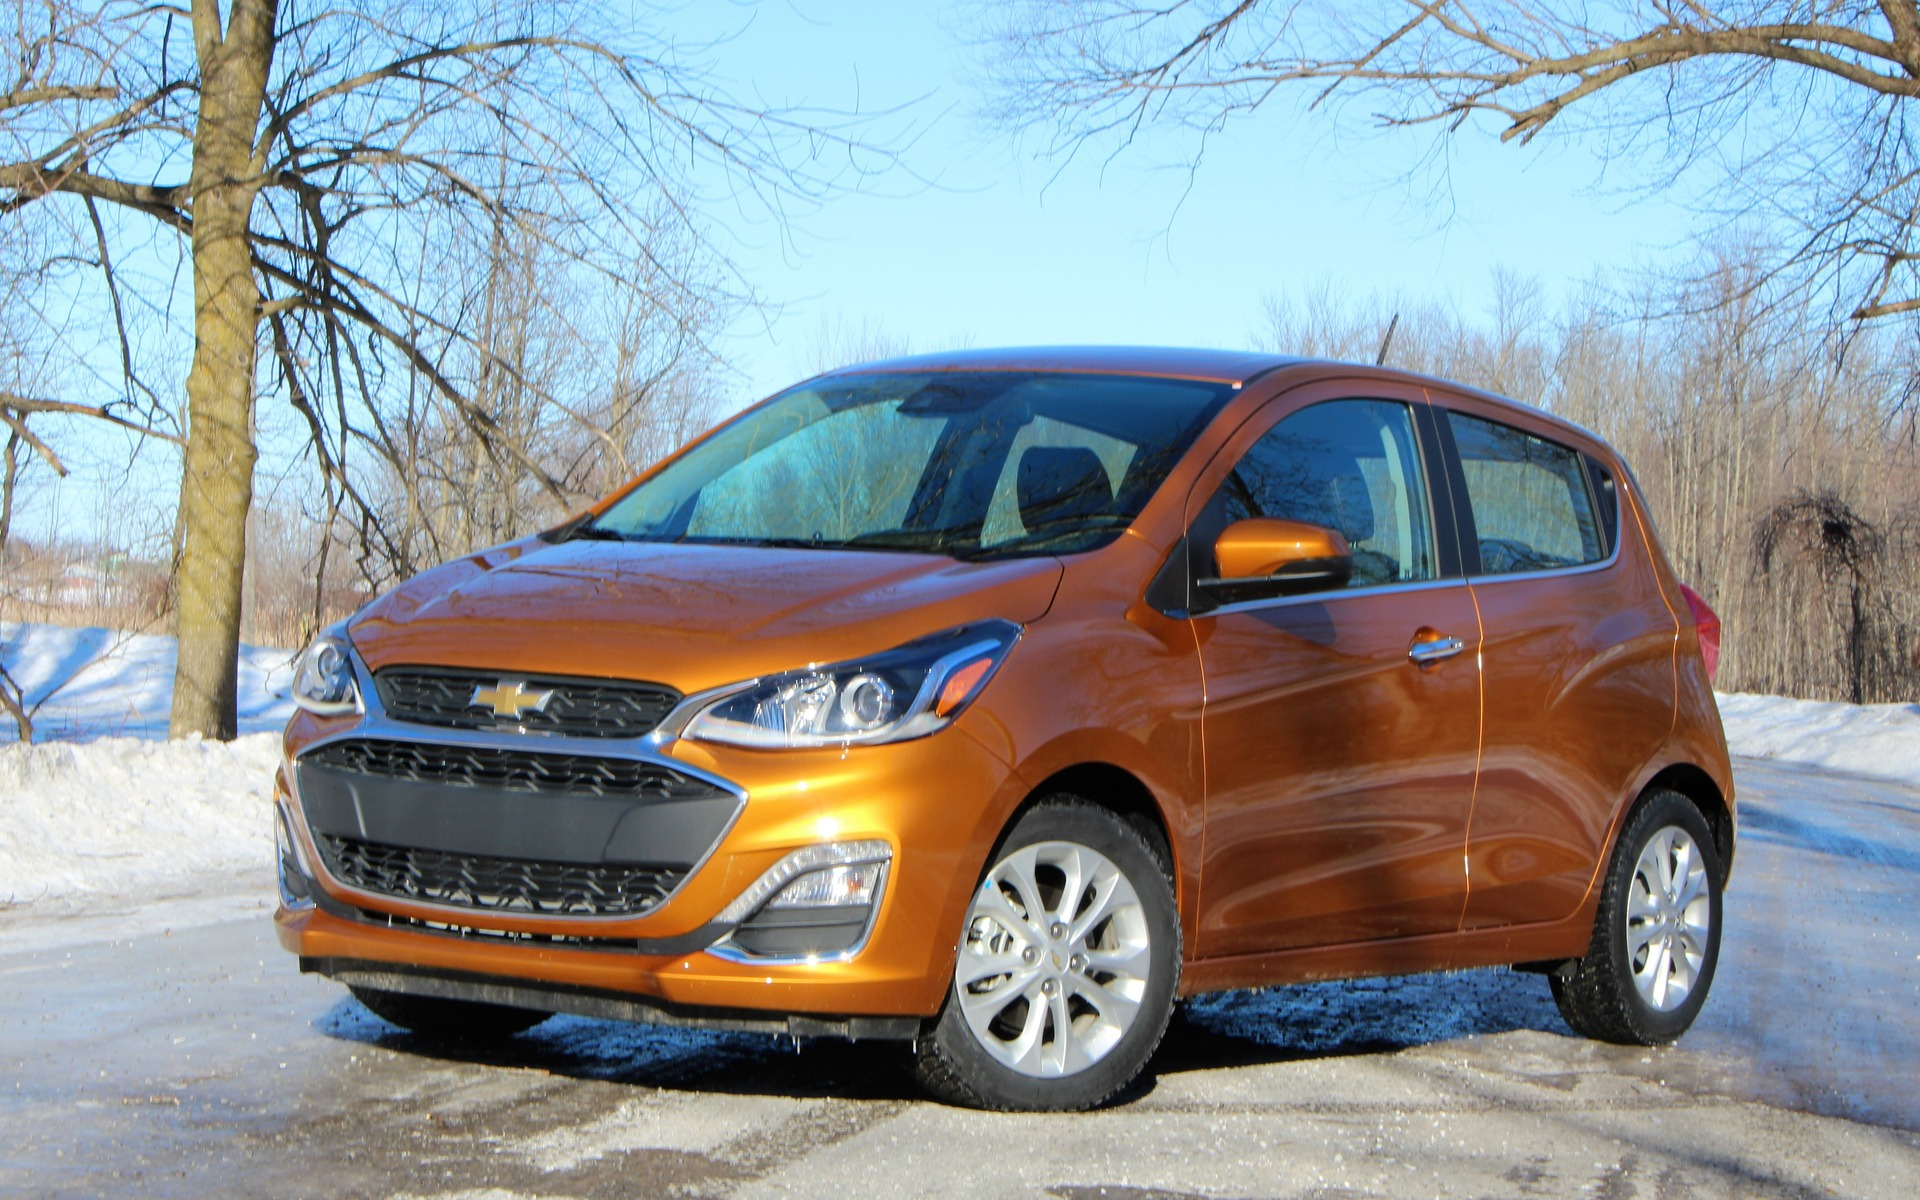 Kelebihan Kekurangan Chevrolet Spark 2019 Perbandingan Harga